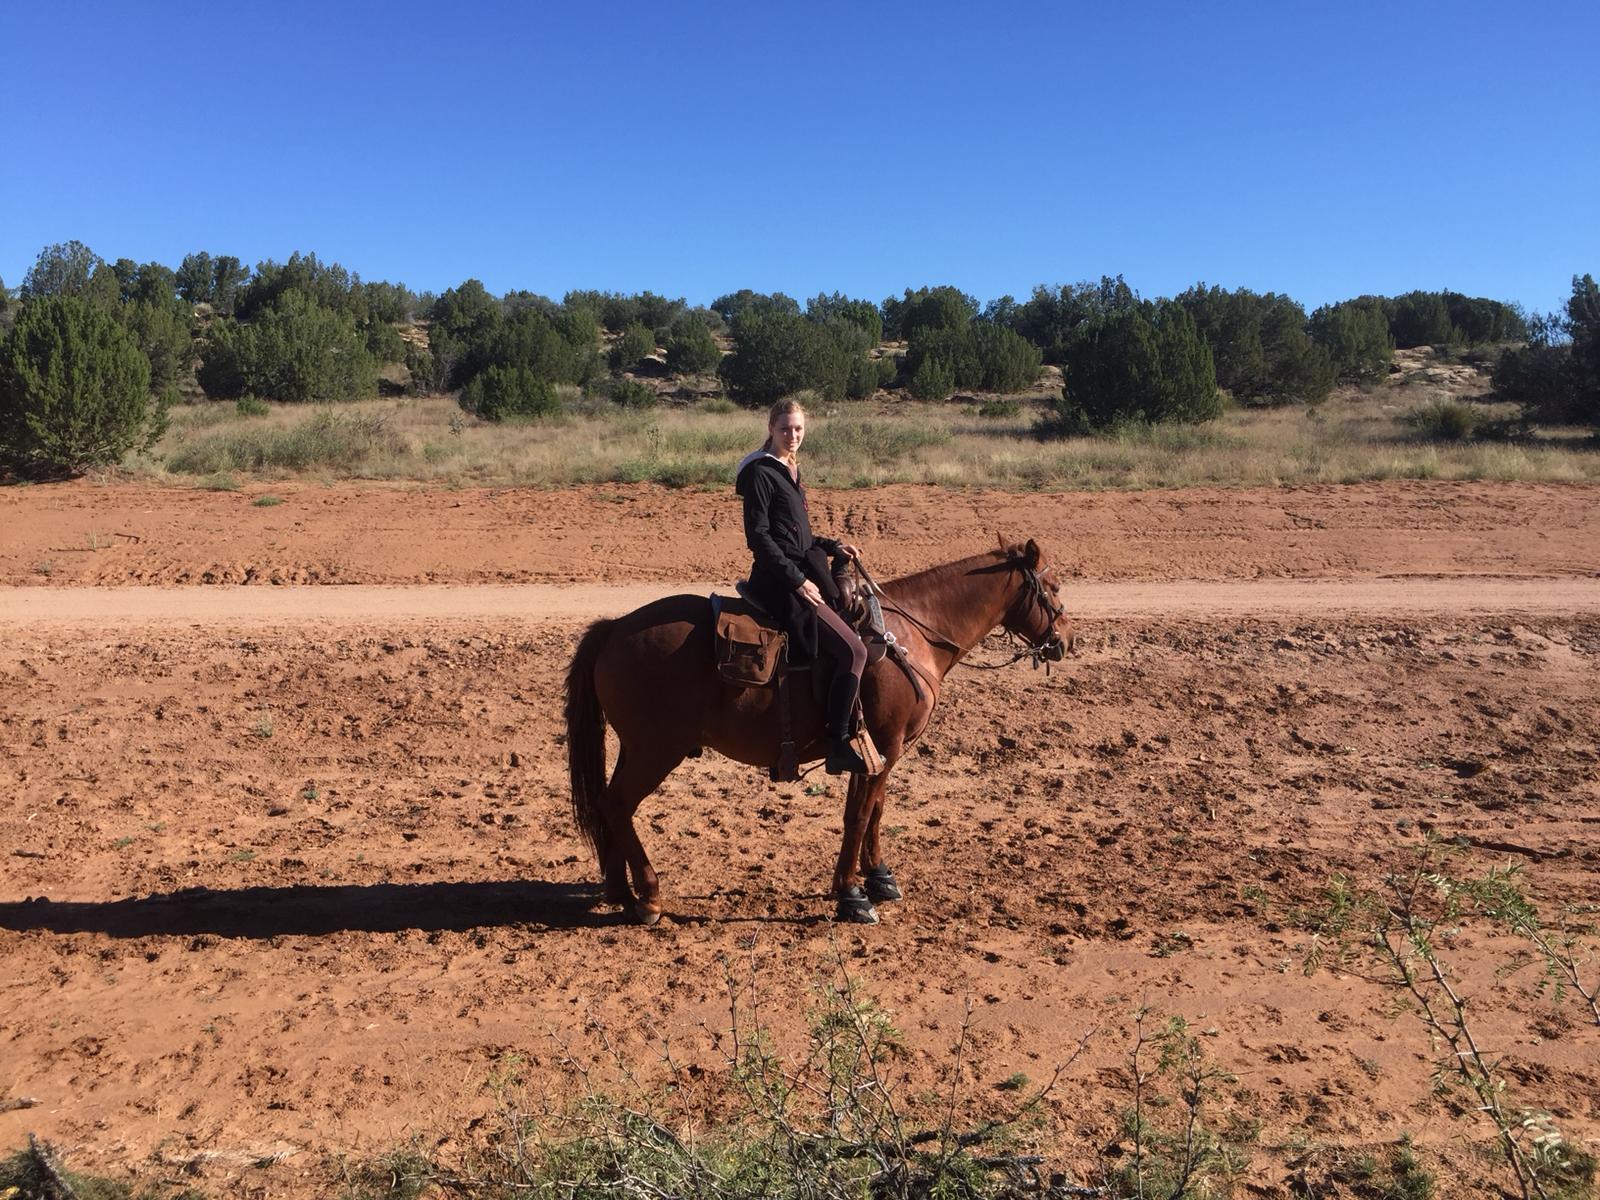 Julia (on Butch) with Argus Reisen (a German travelagency) came to visit us too, to get an idea about our ranch.  Julia (auf Butch) von Argus Reisen (deutsche Reiseagentur) hat uns besucht, um sich ein Bild von unserer Ranch zu machen.